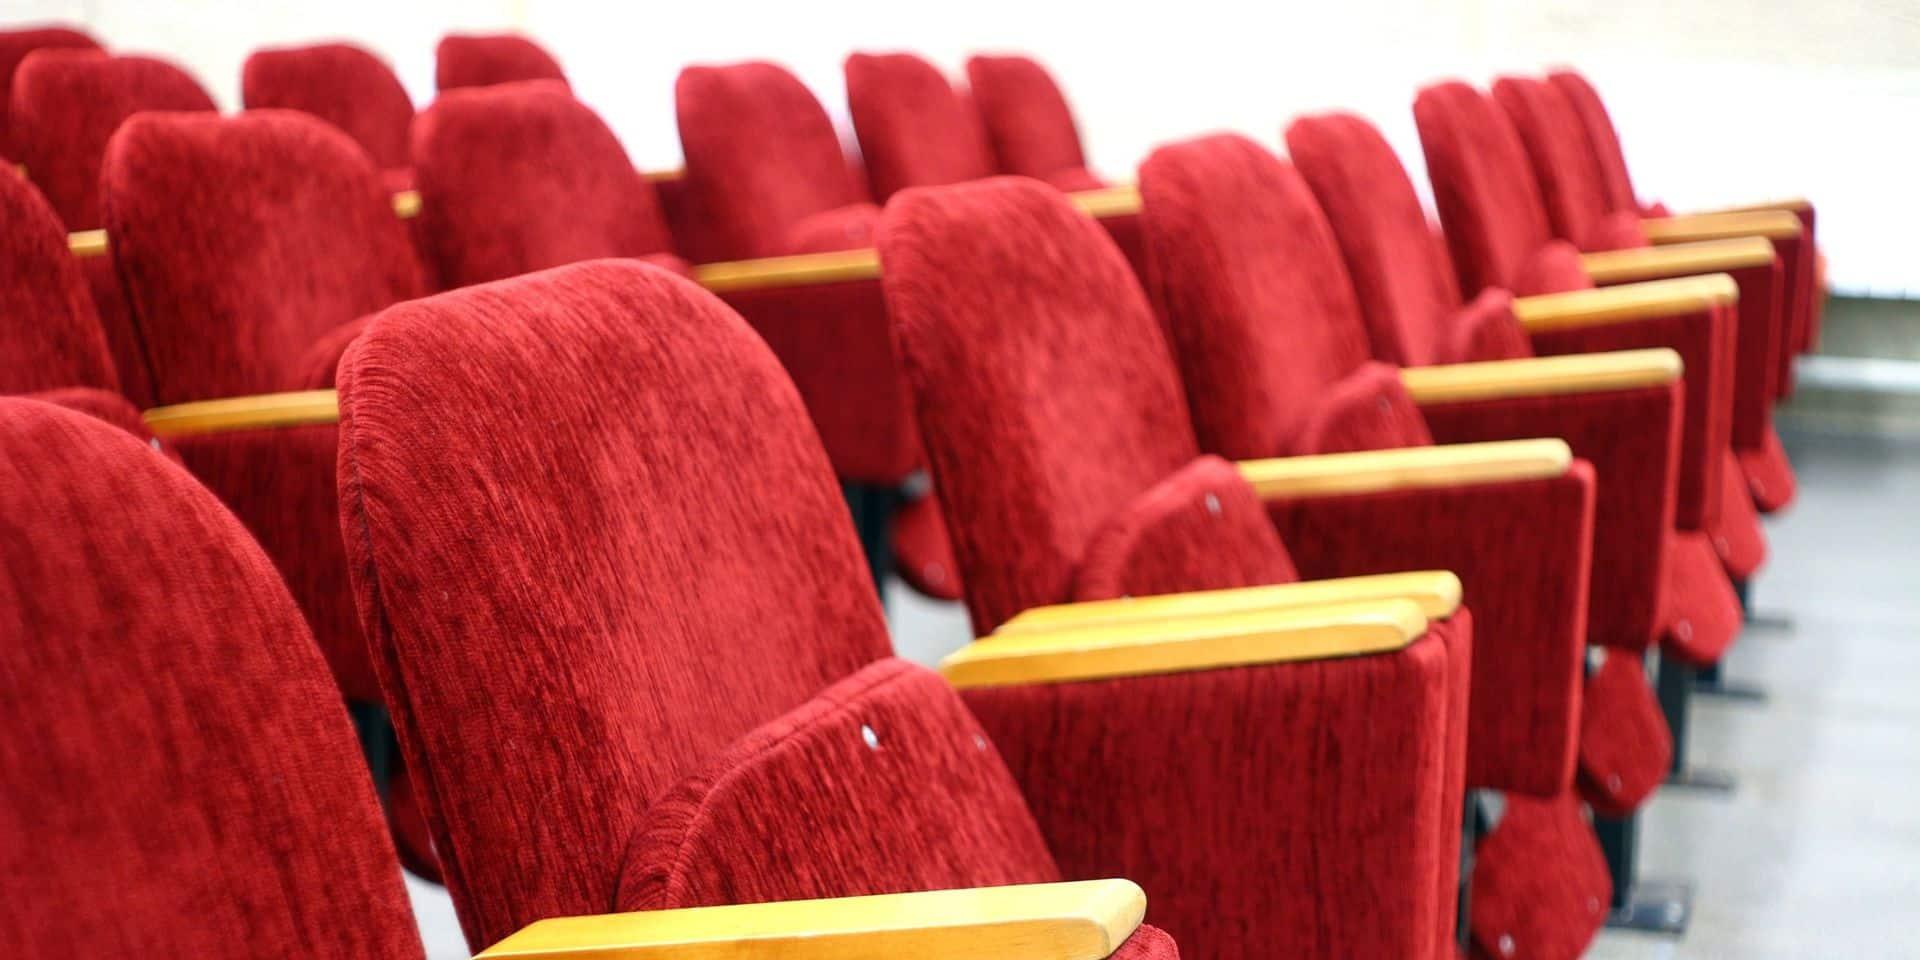 Système d'aération, lampes antivirus, sièges et sol désinfectés, horaires décalés: comment les cinémas s'adaptent pour rouvrir